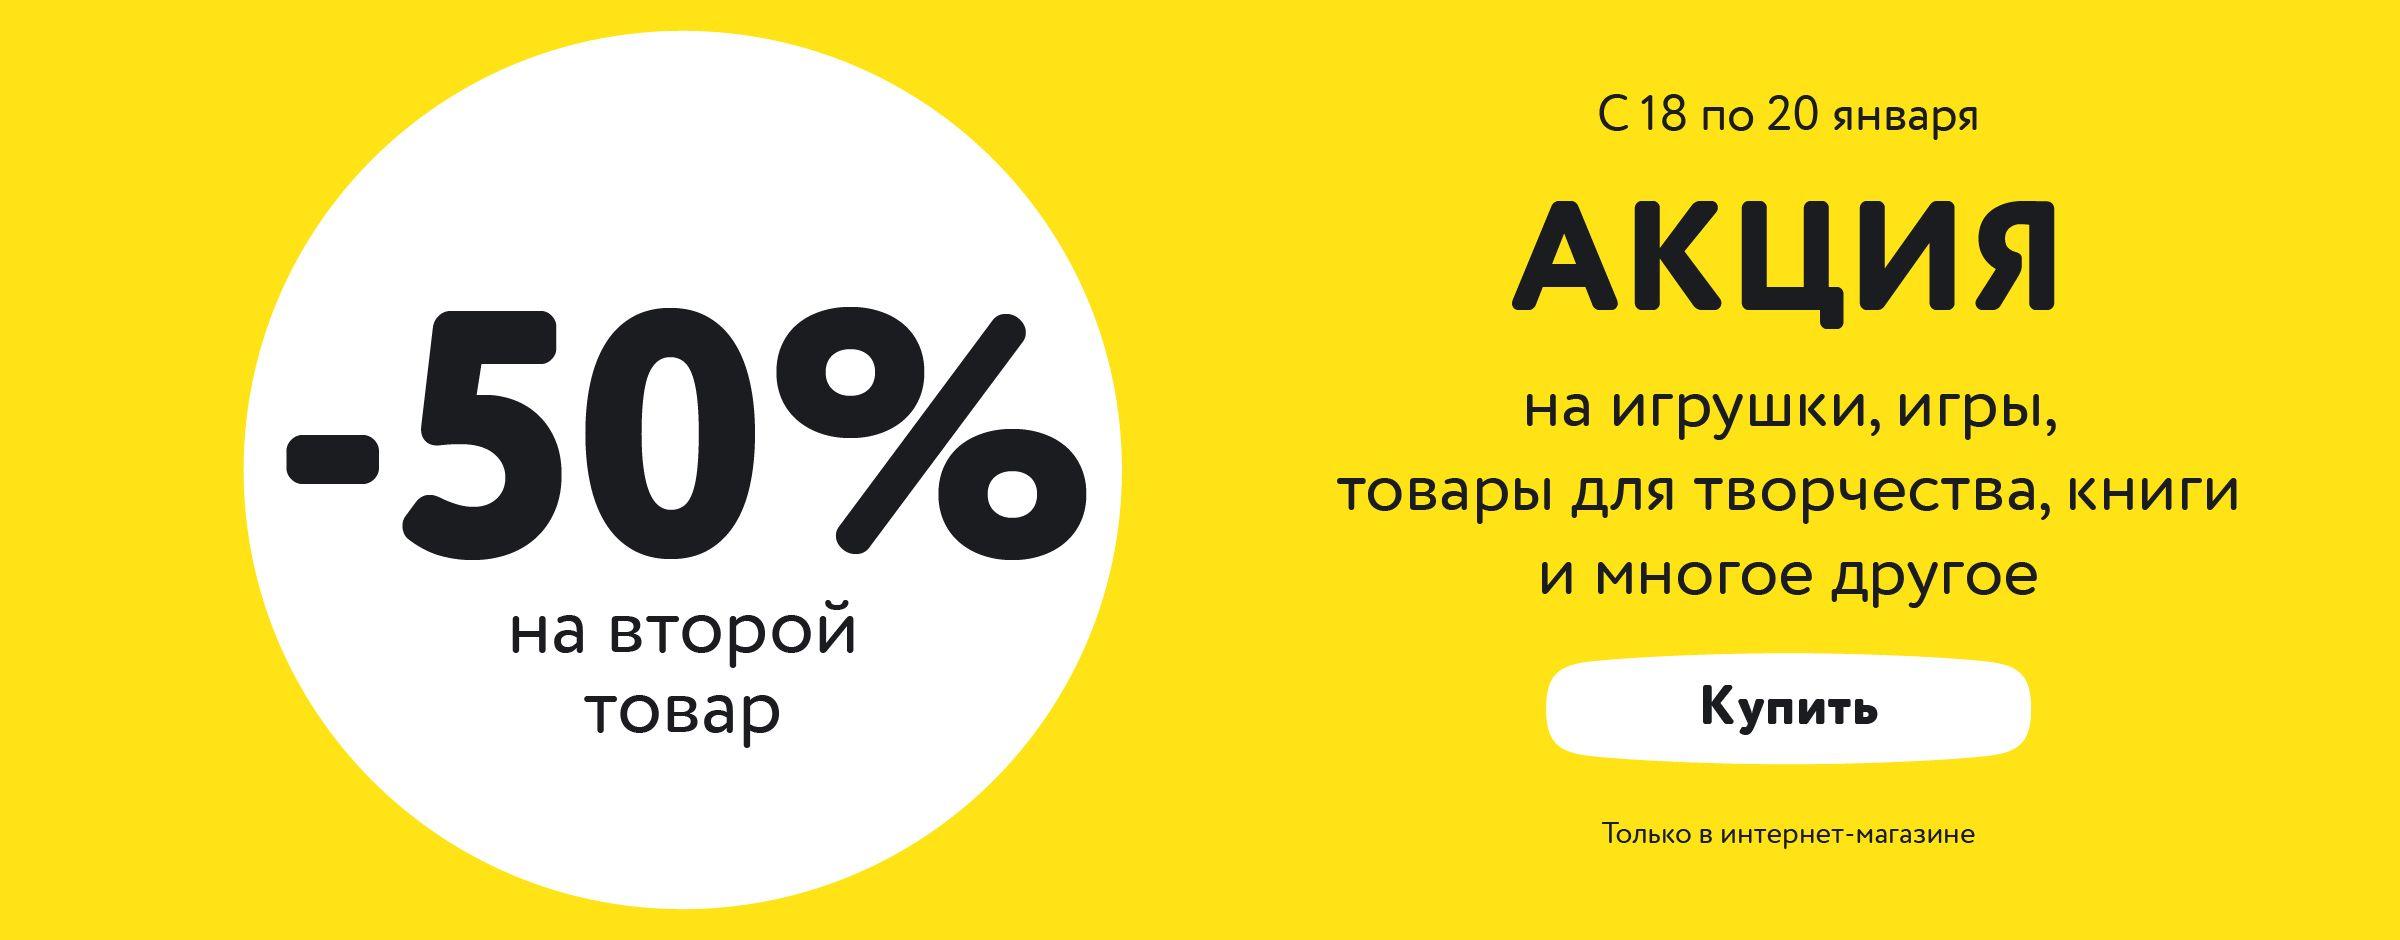 50% на второй товар на ТНП статика